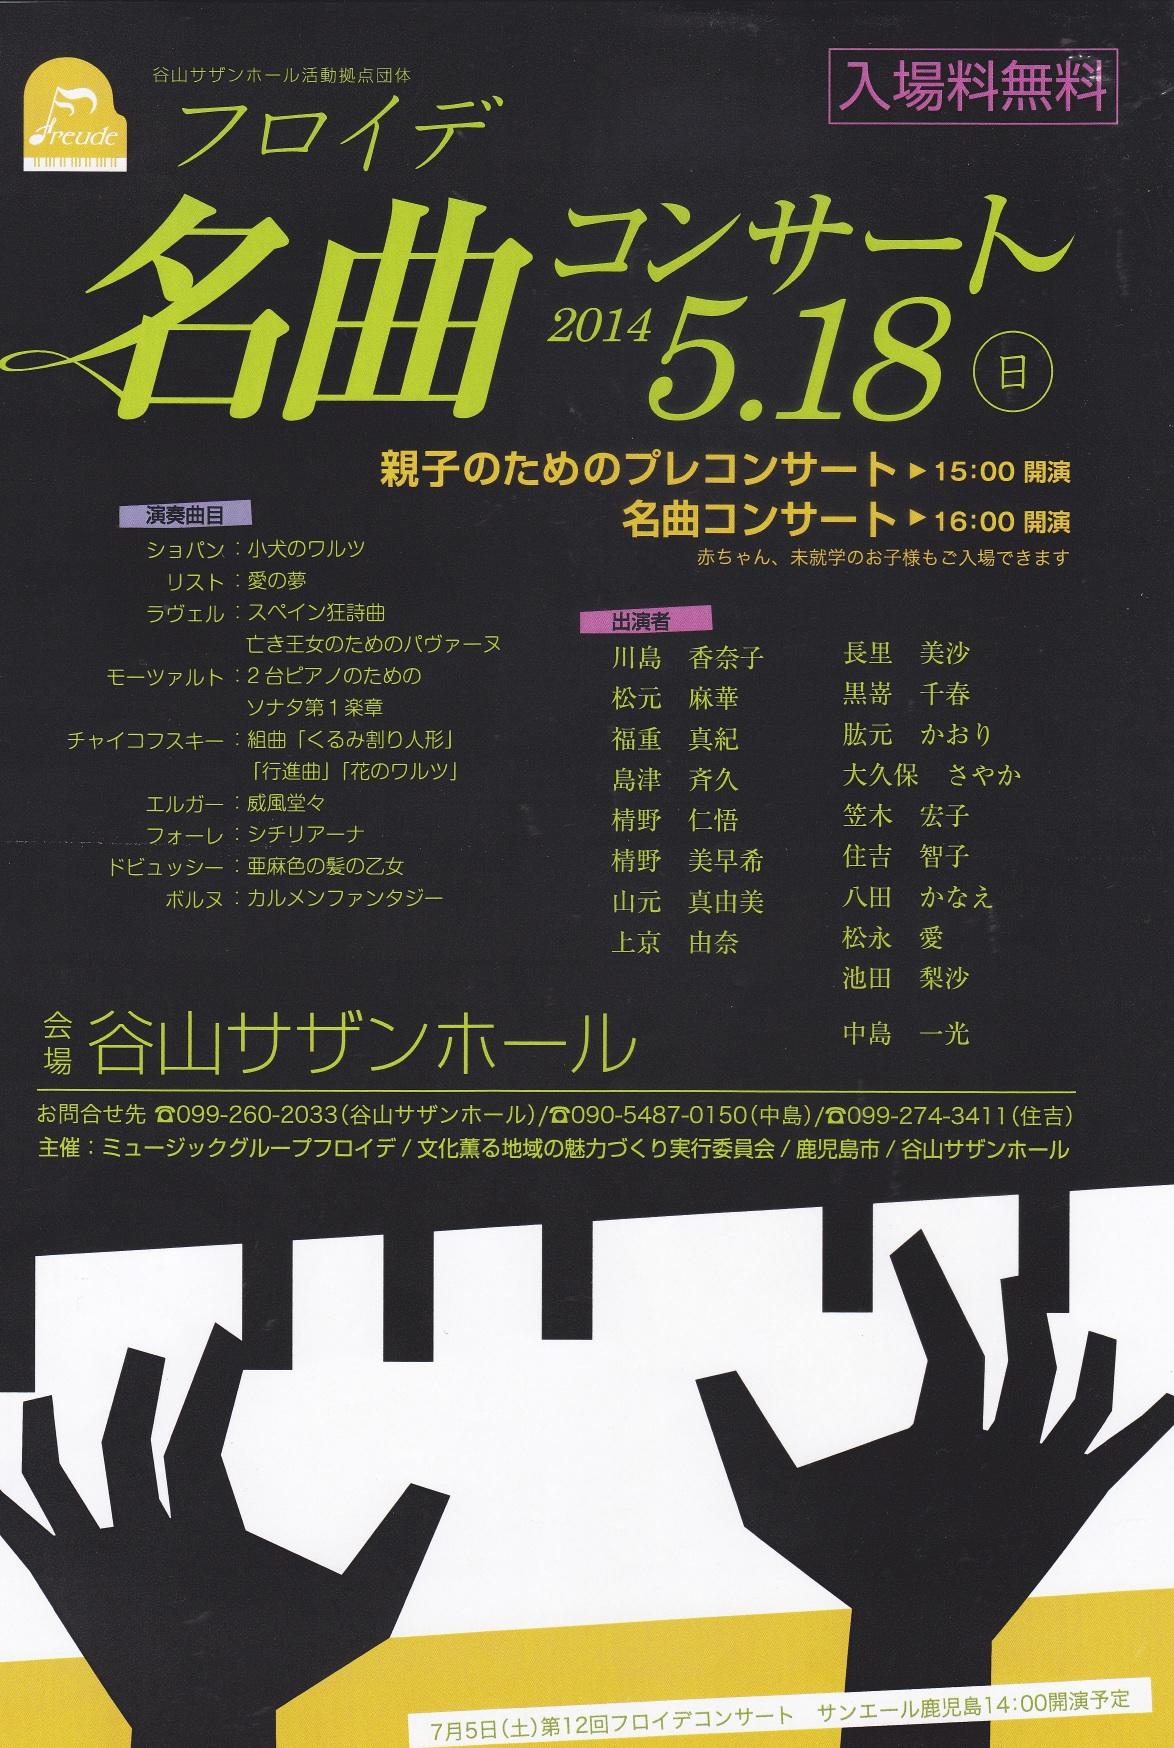 谷山サザンホール活動拠点団体の演奏会「フロイデ 名曲コンサート」